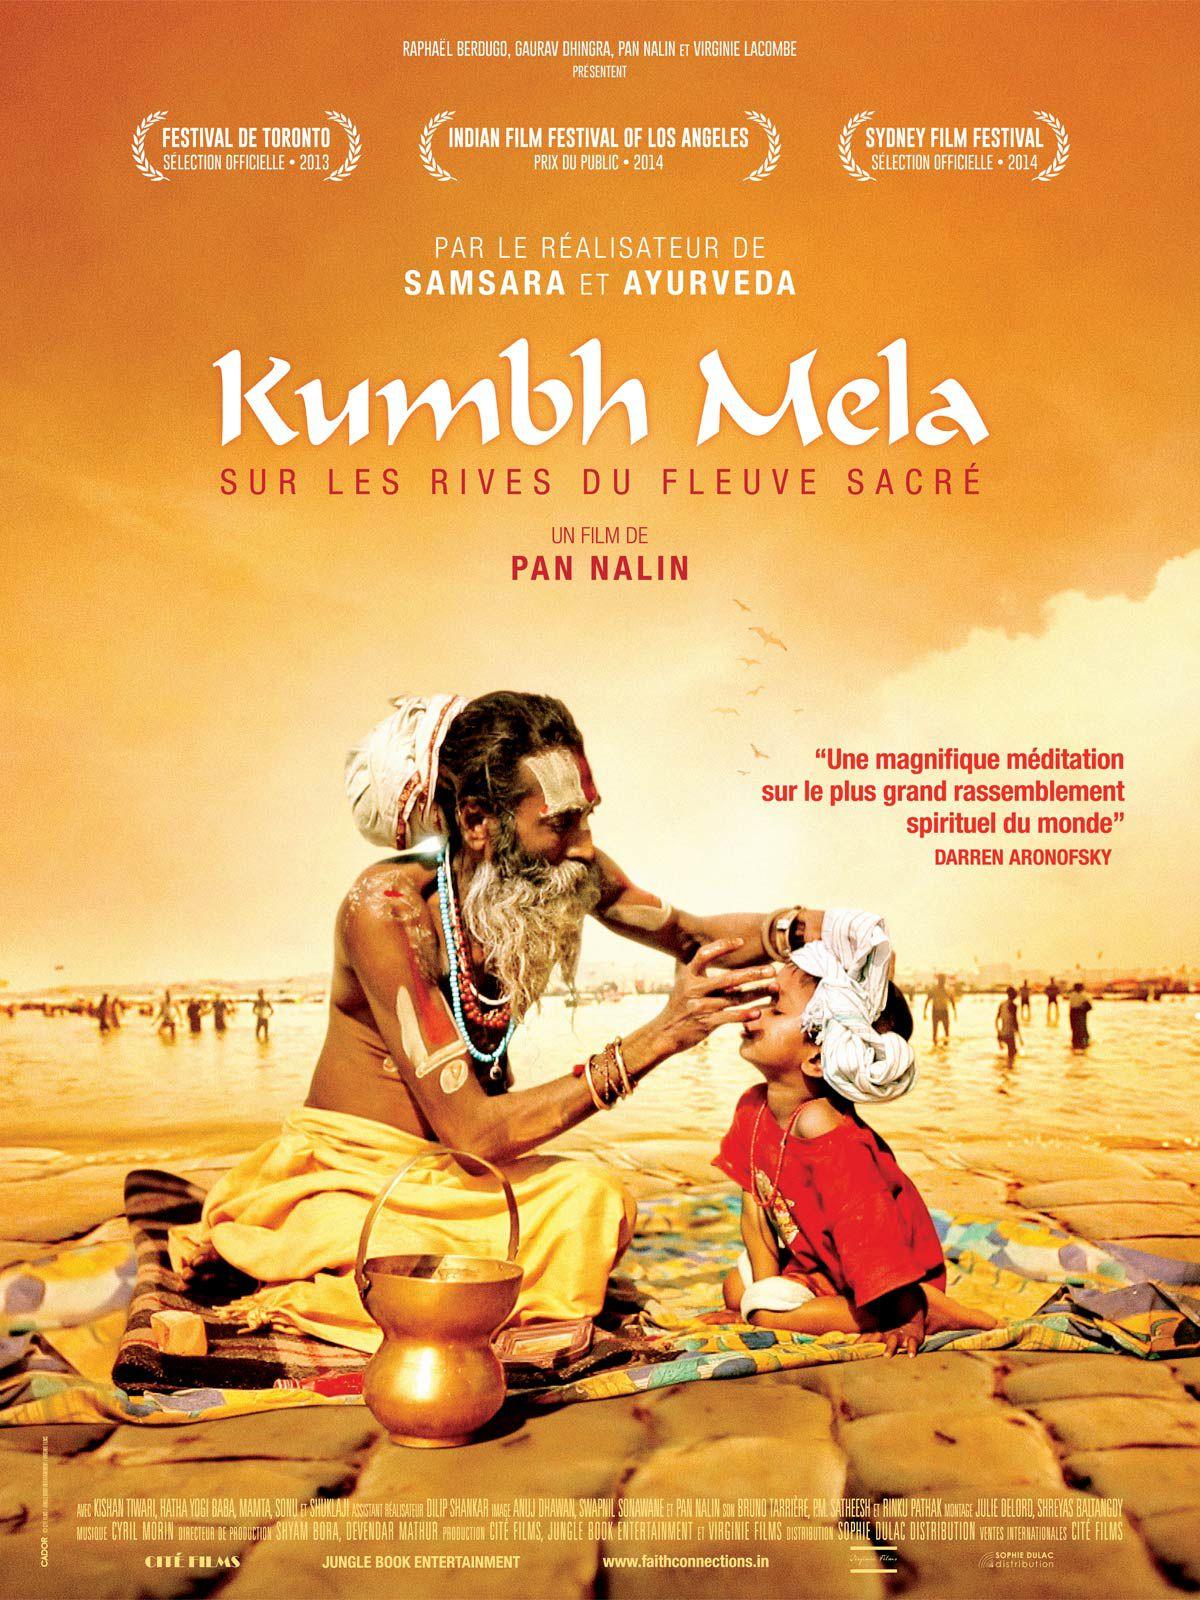 Kumbh Mela, sur les rives du fleuve sacré - Documentaire (2013)